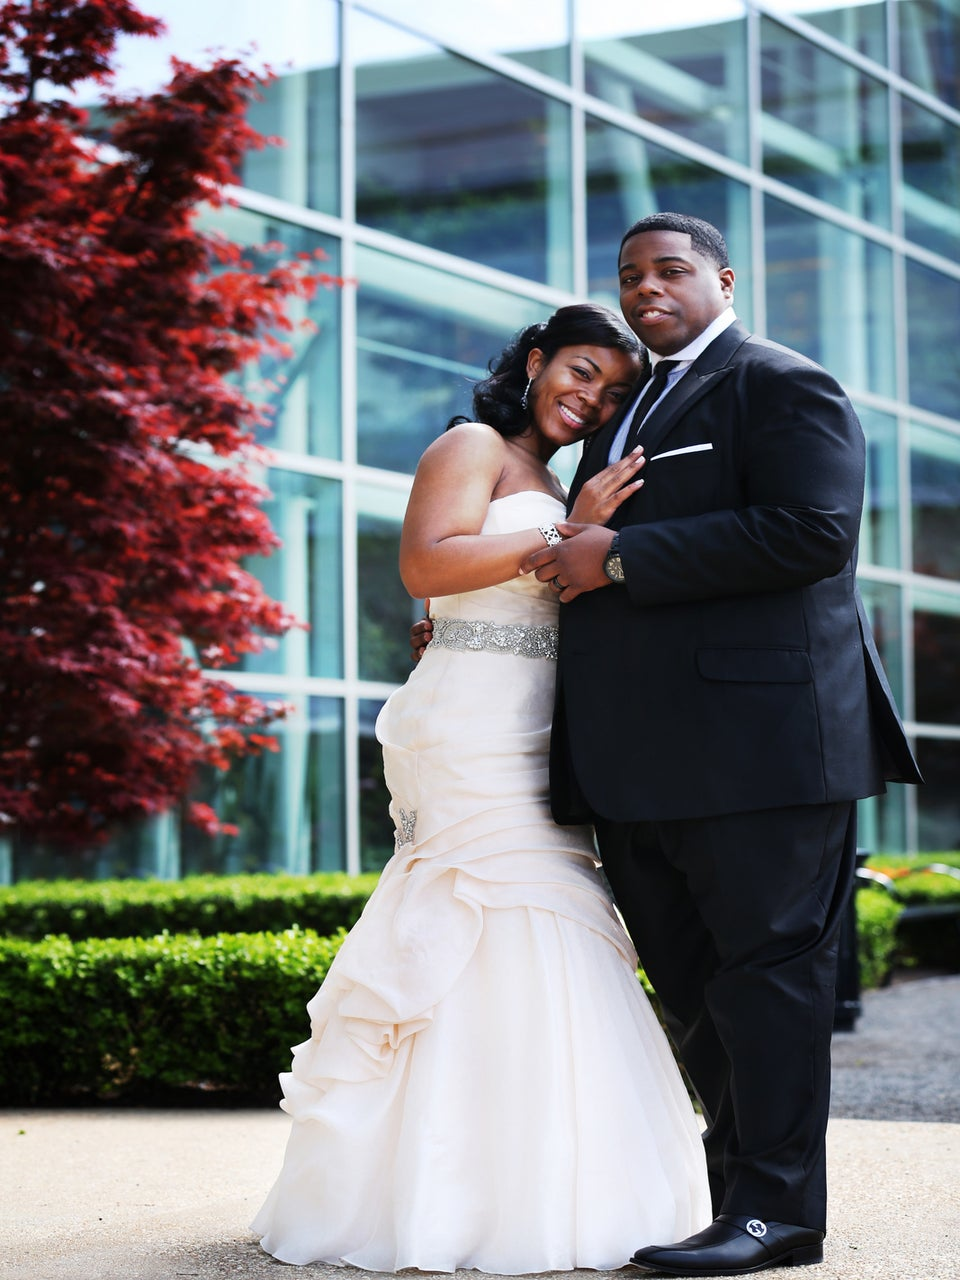 Bridal Bliss: Keeping the Faith